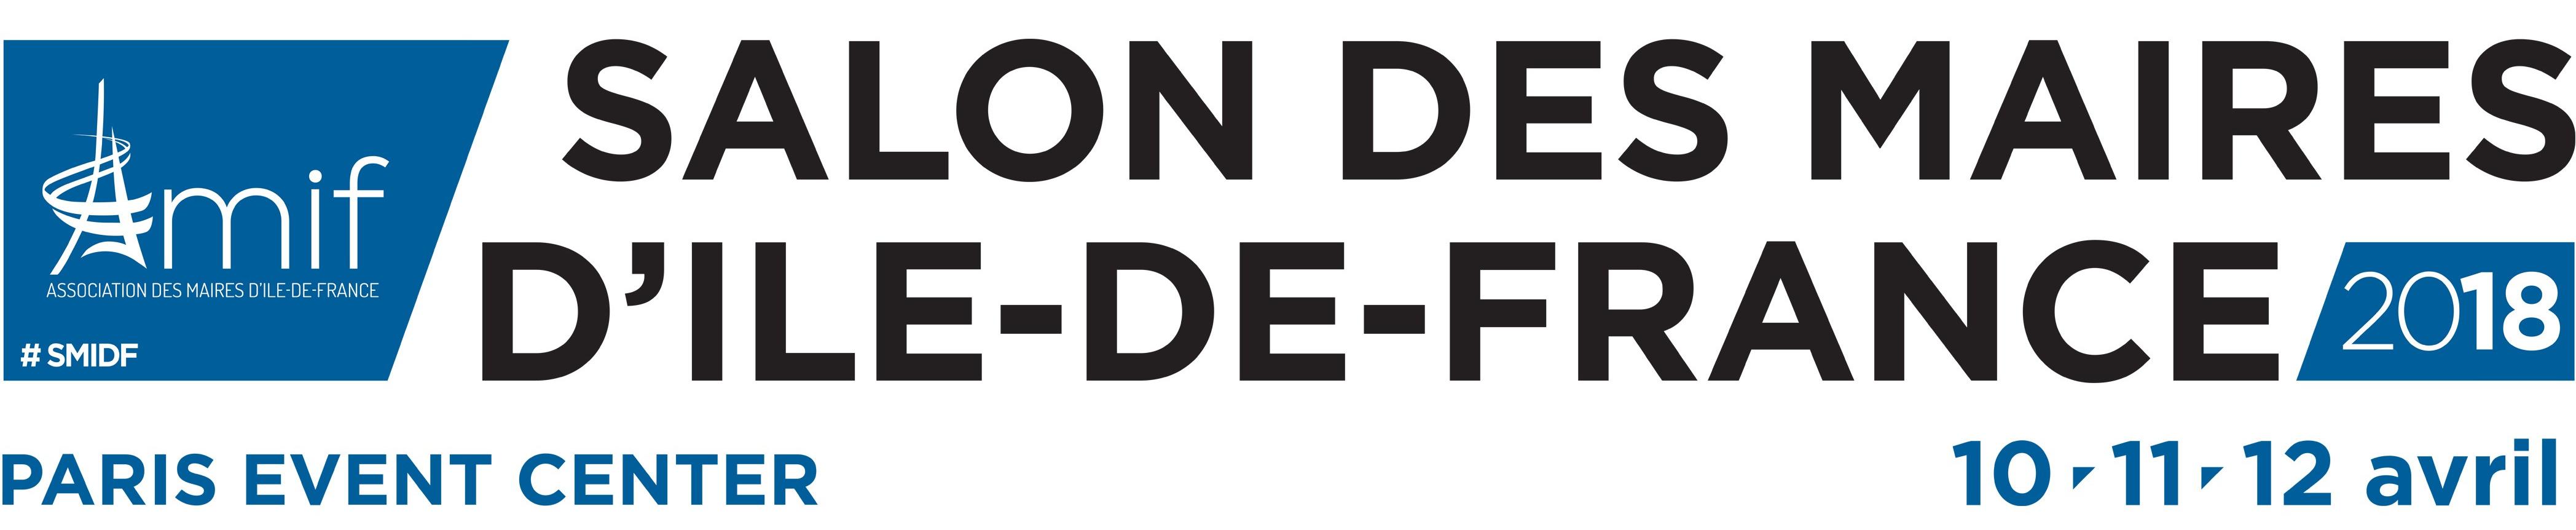 salon des maires d idf 2018 d couvrez le pr programme